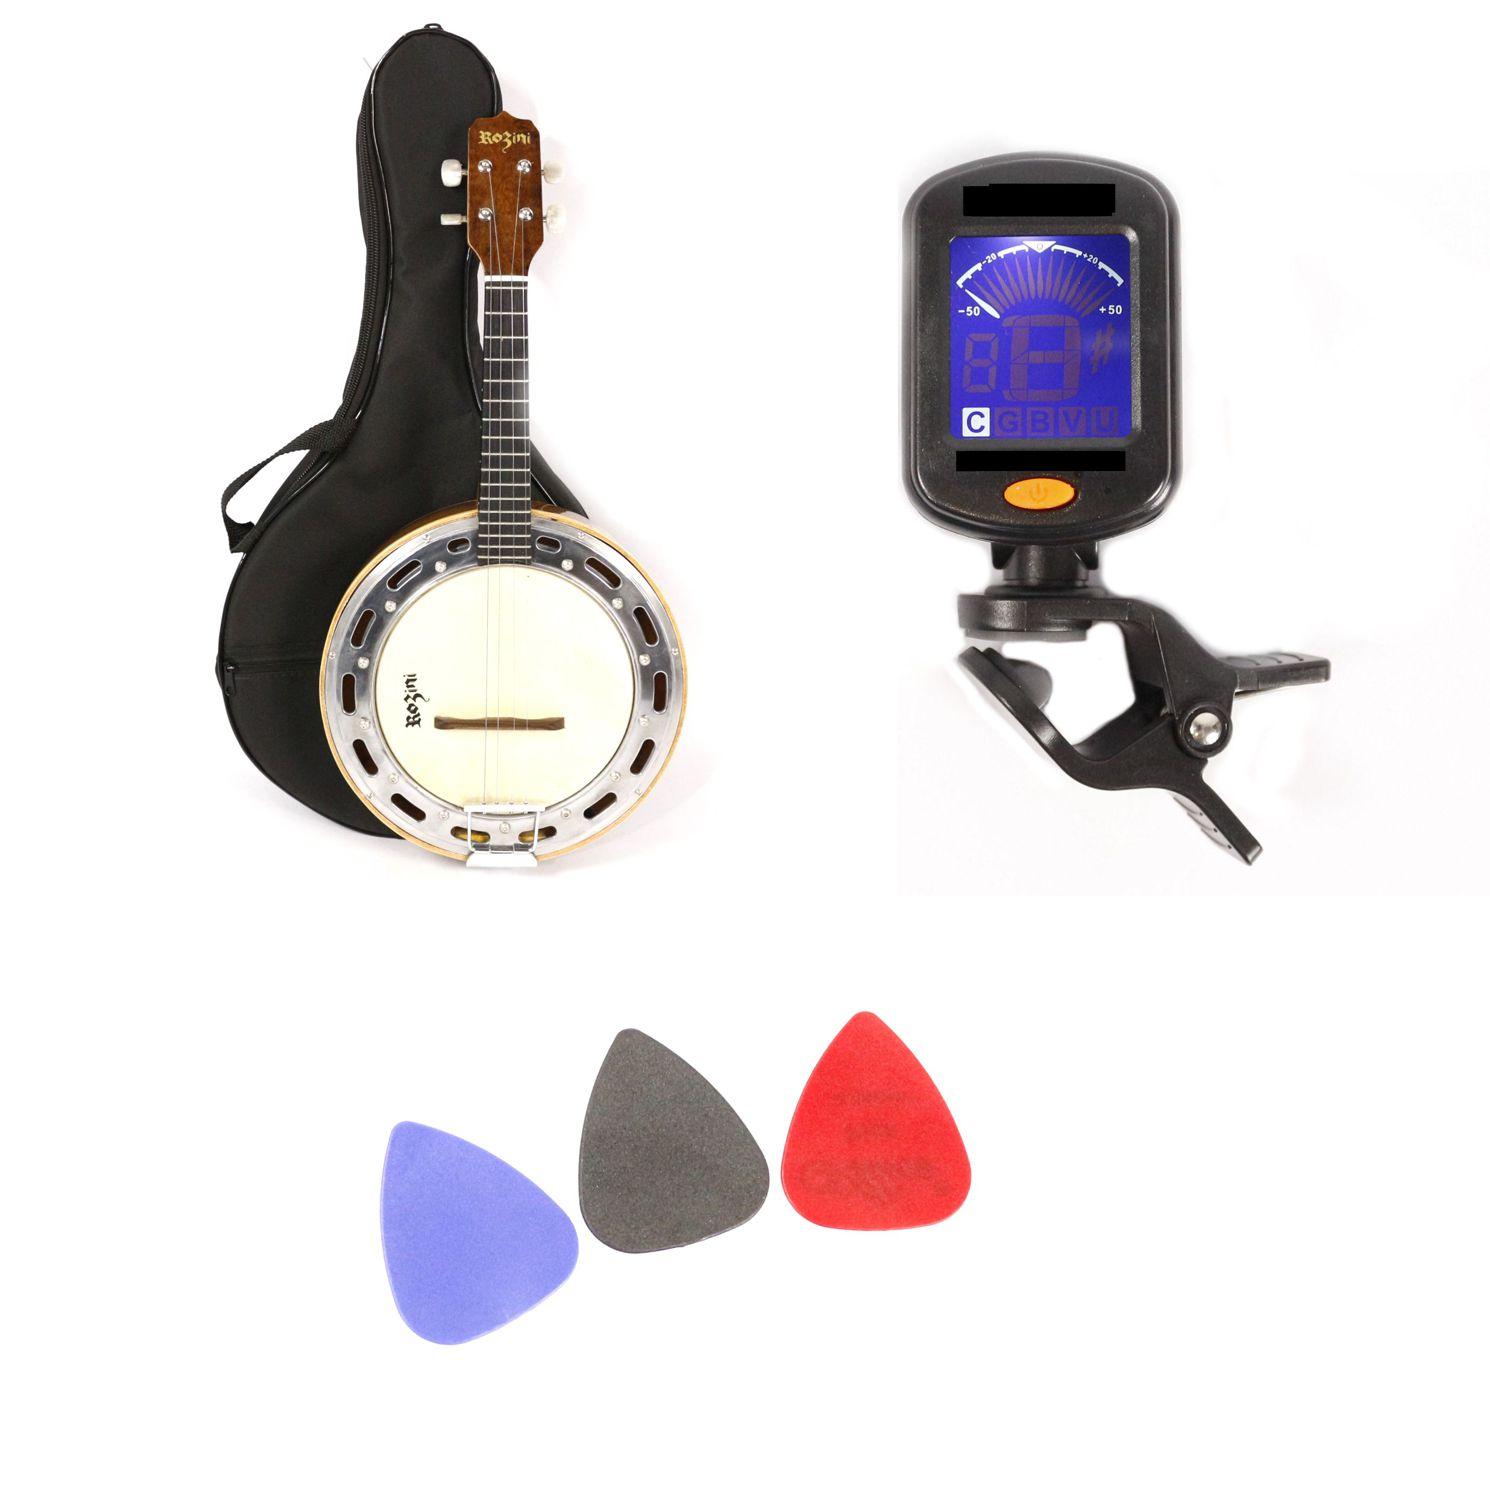 Kit com Banjo Rozini Studio Eletrico Natural Brilhante com Capa, Palhetas e Afinador RJ11 Natural Imbuia